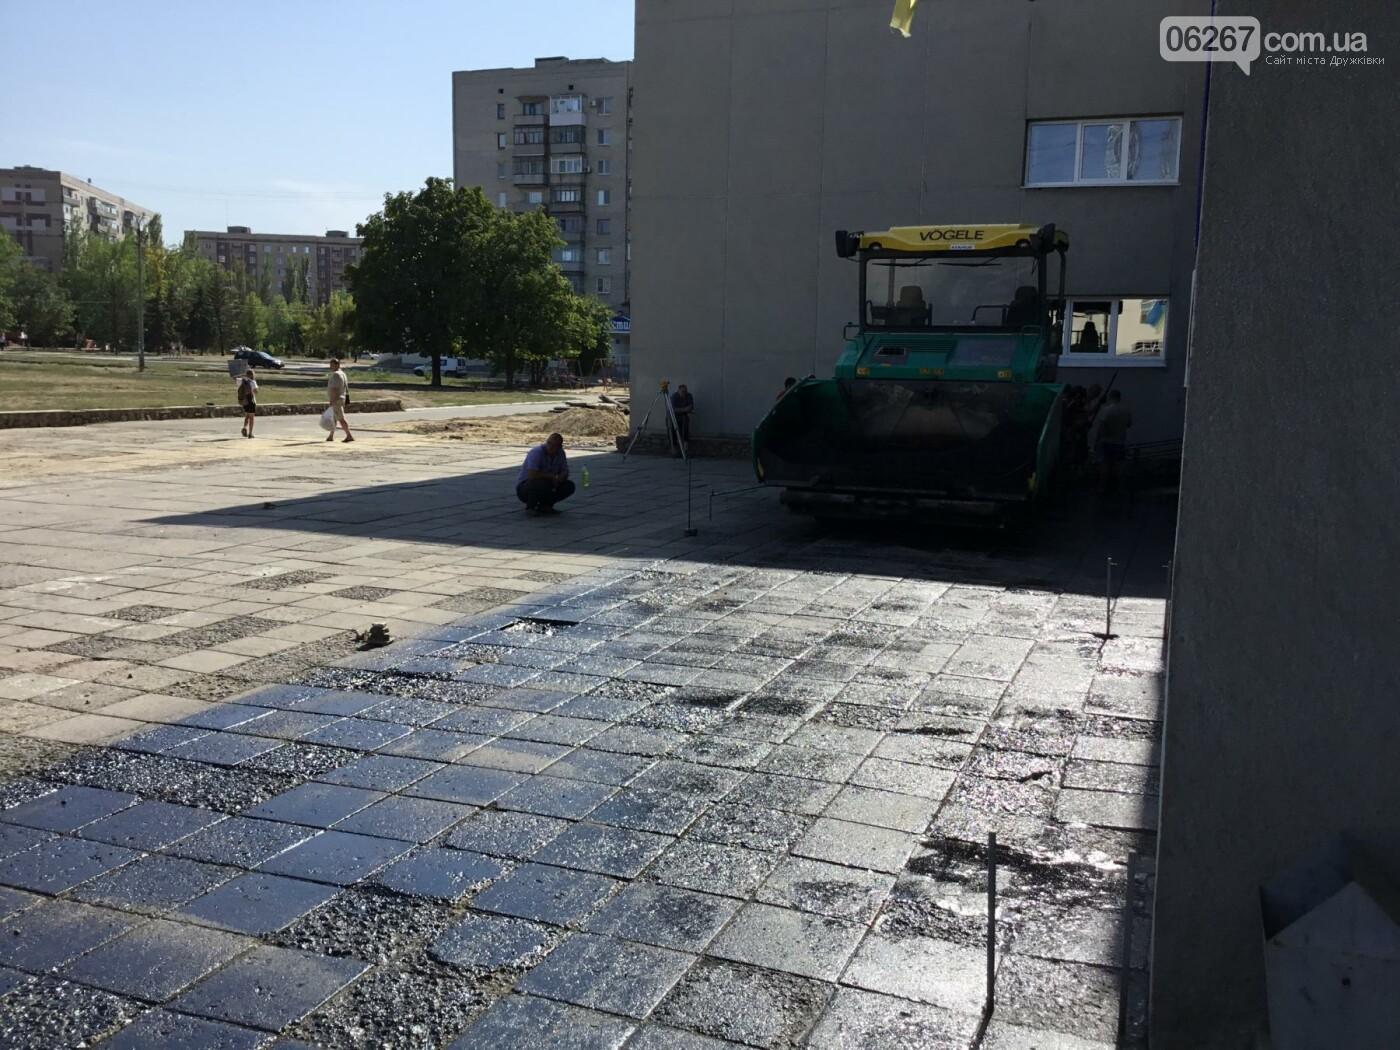 Дружковка: Скейт-парк с площади Молодежной «переезжает» на Карловку, а территорию возле ЦДЮТ начинают асфальтировать (ФОТО), фото-4